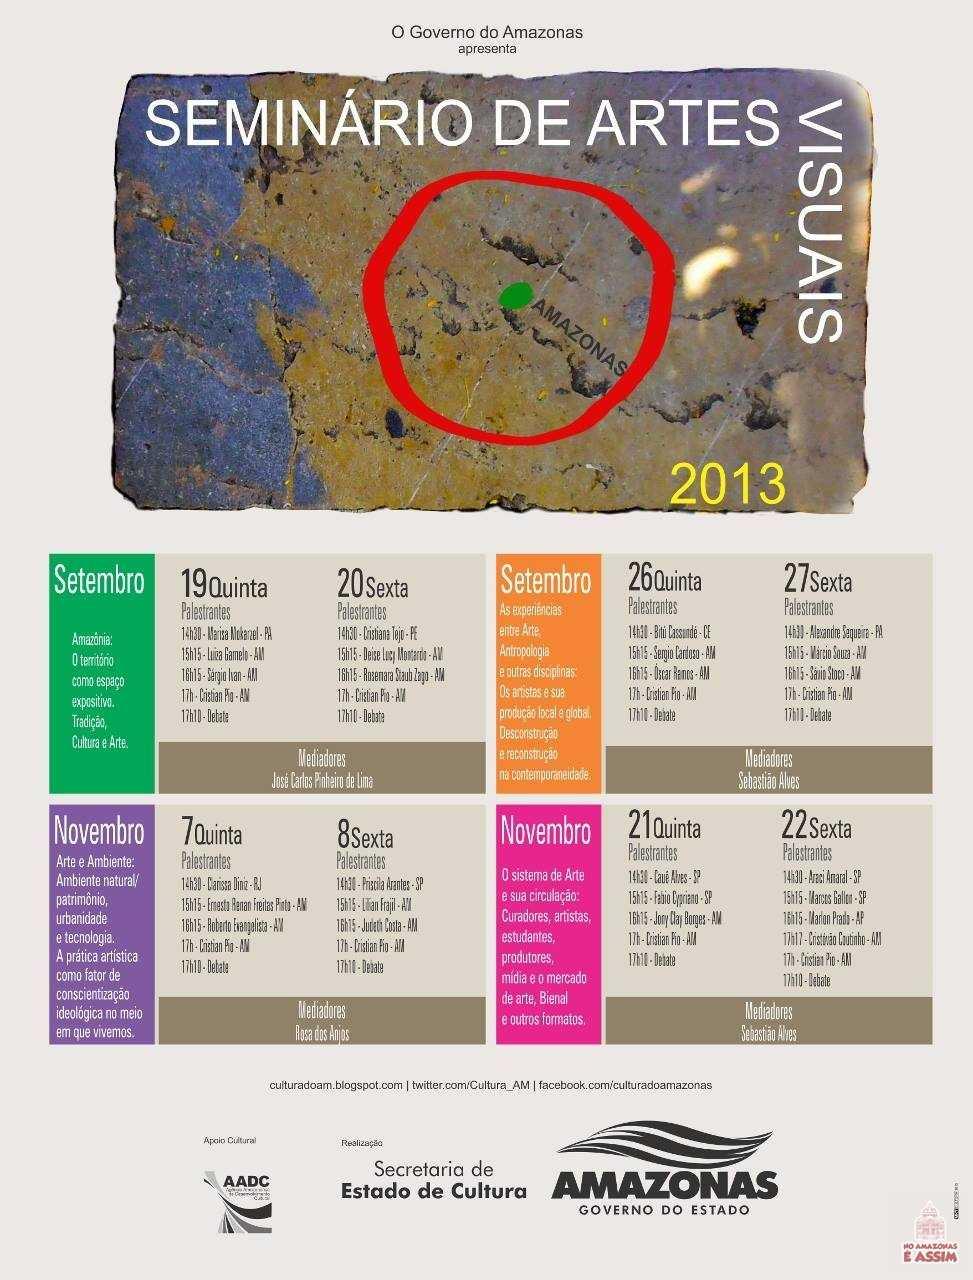 seminario-de-artes-visuais-no-amazonas-e-assim1